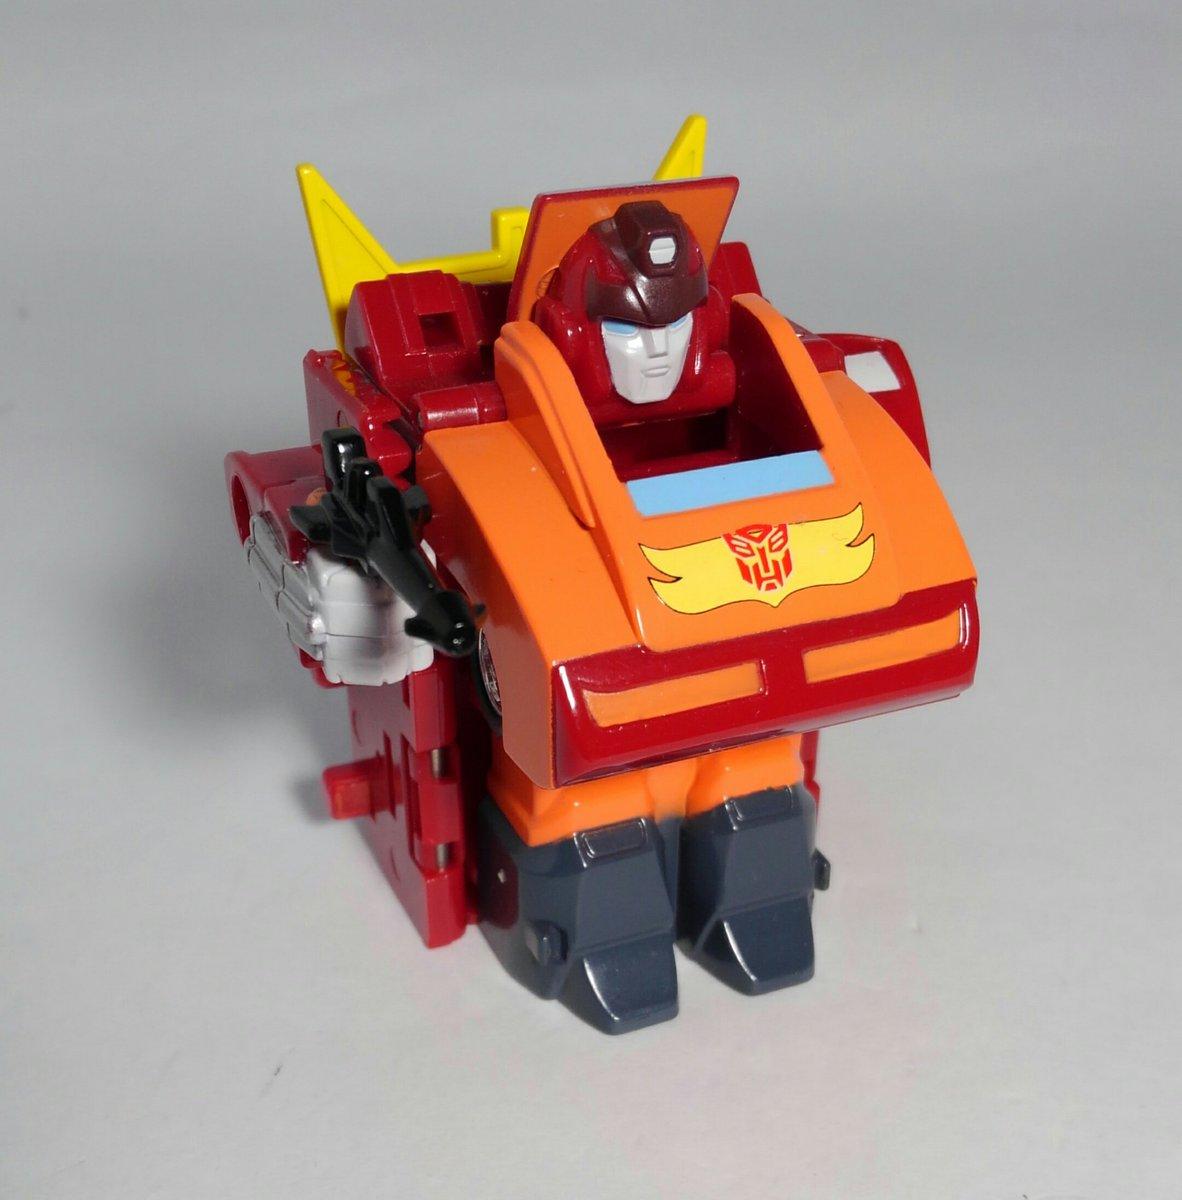 チョロQロボ ロディマスコンボイ(TVカラーver)キュートランスフォーマーの先祖にあたるチョロQロボ(スタンプボットも